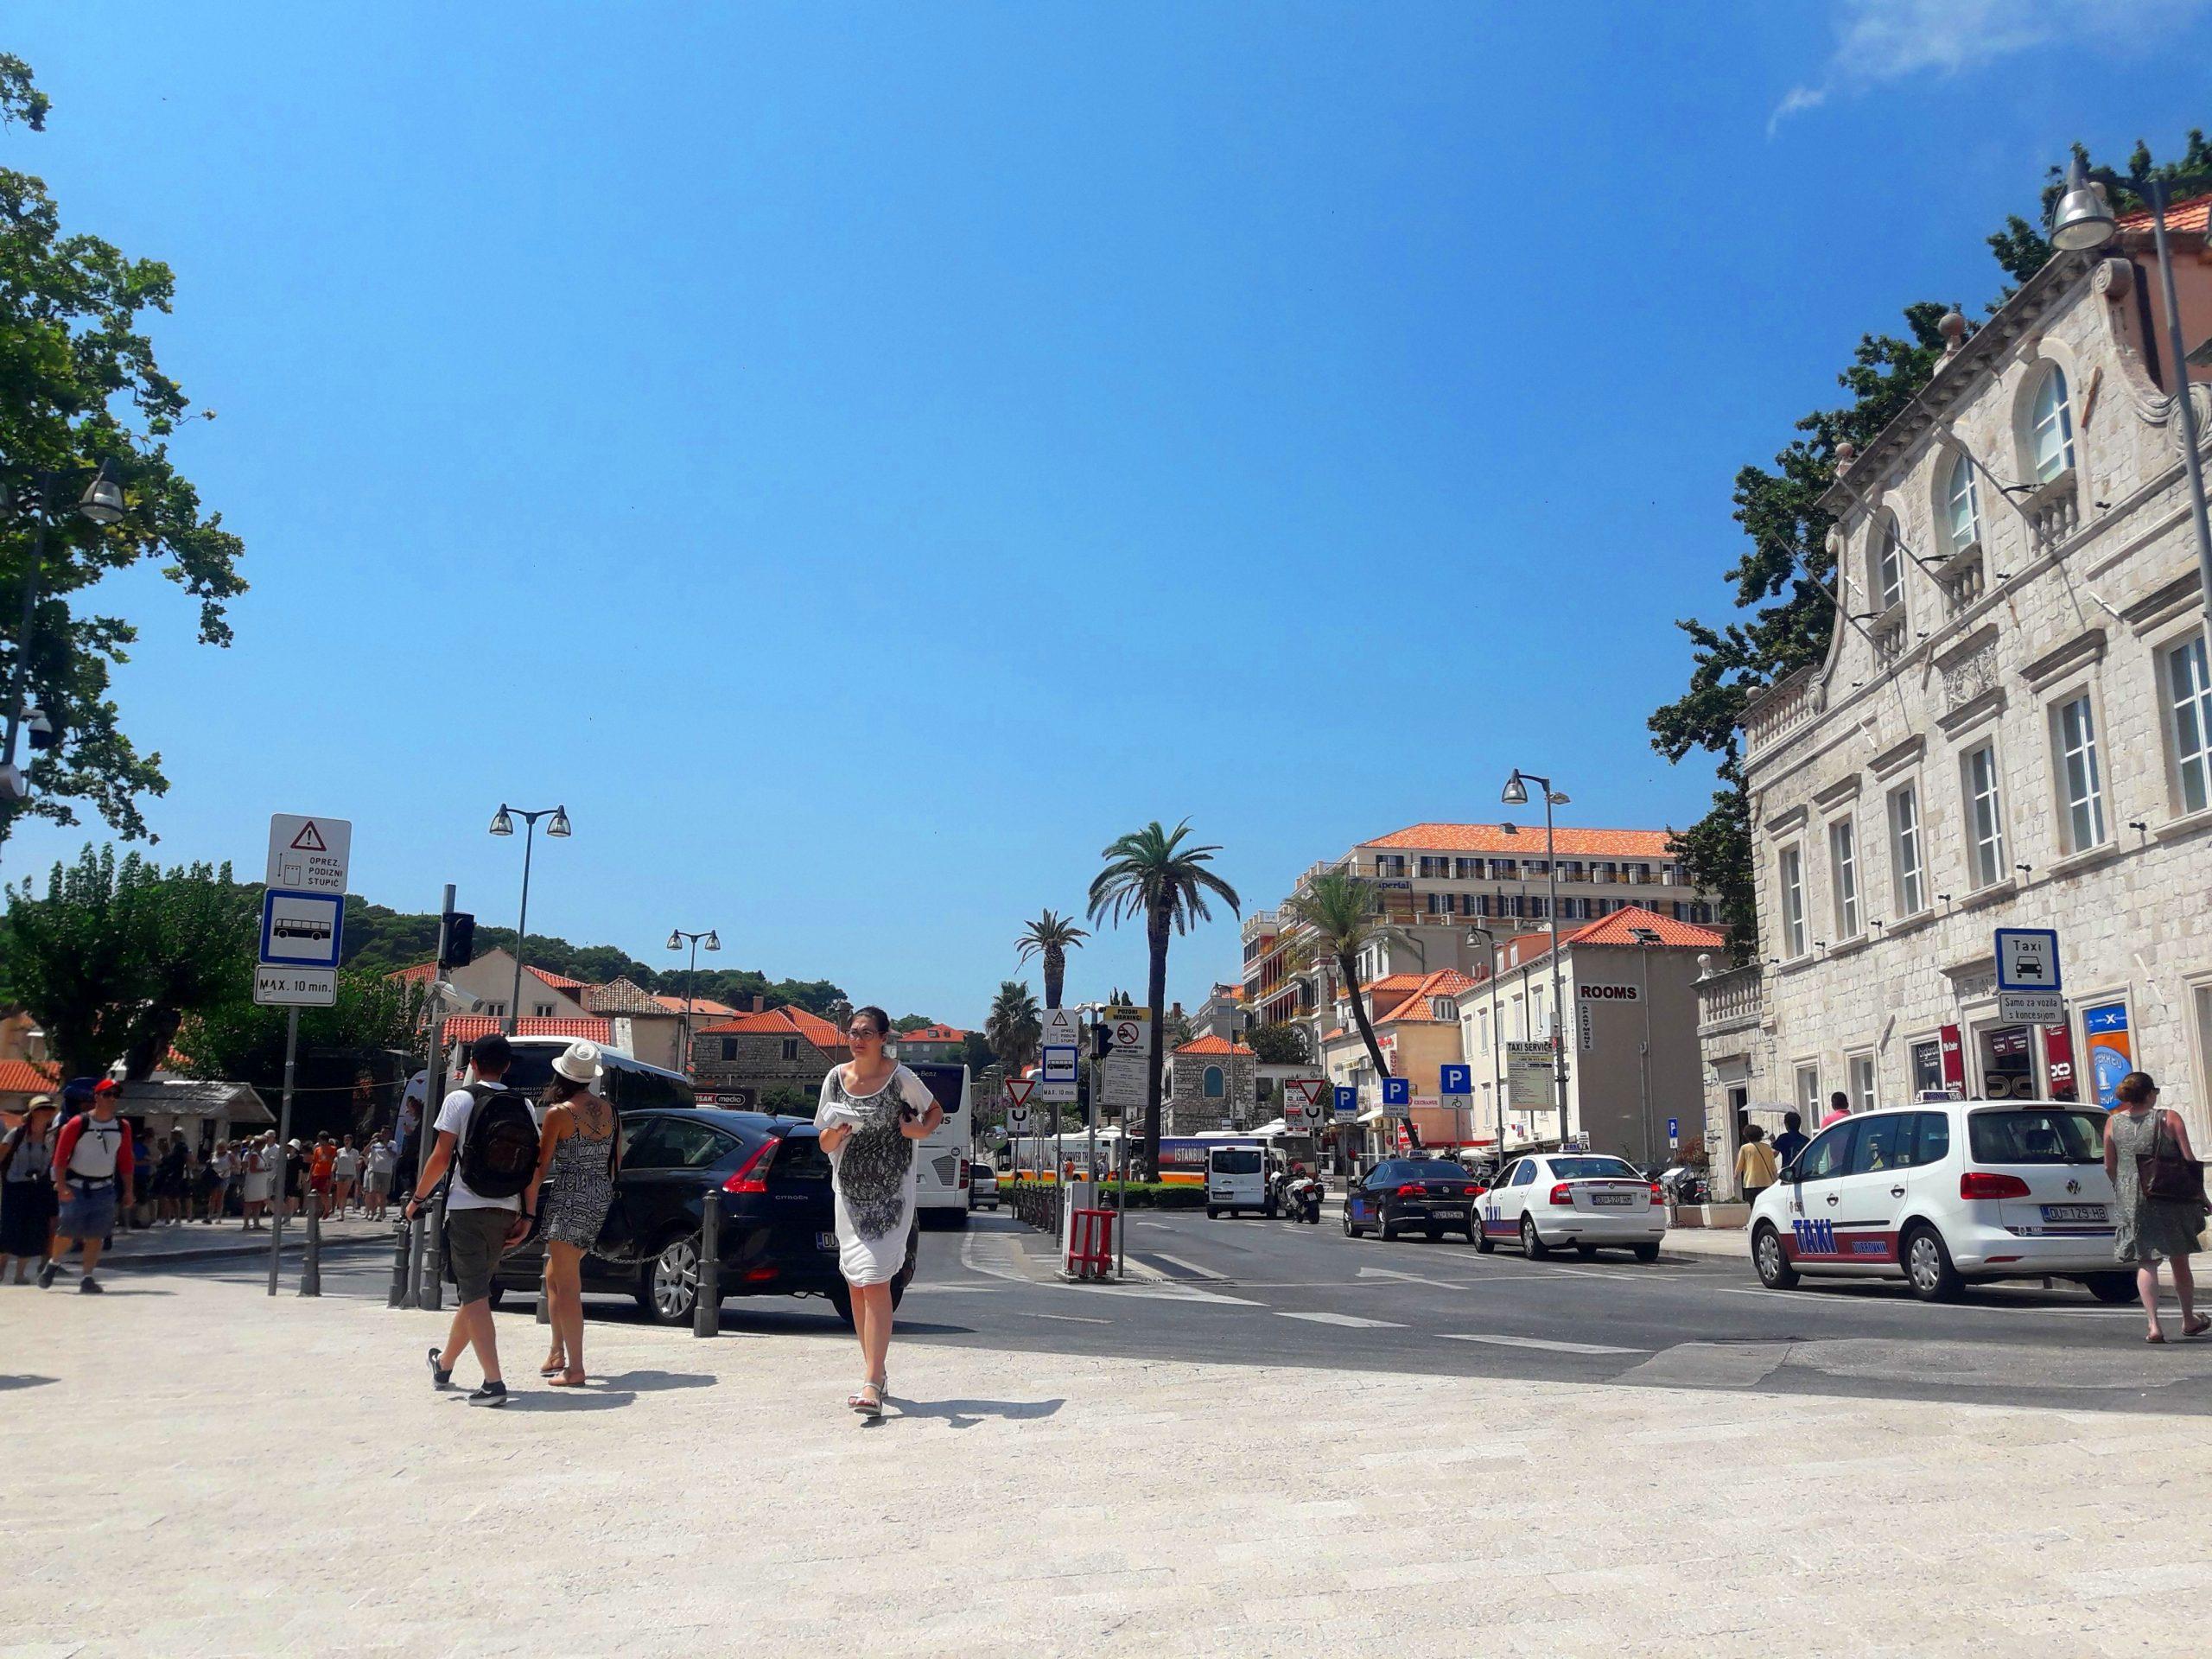 Vacanţă în Croaţia, staţiunea Dubrovnik, foto @ANCAPAVEL.RO